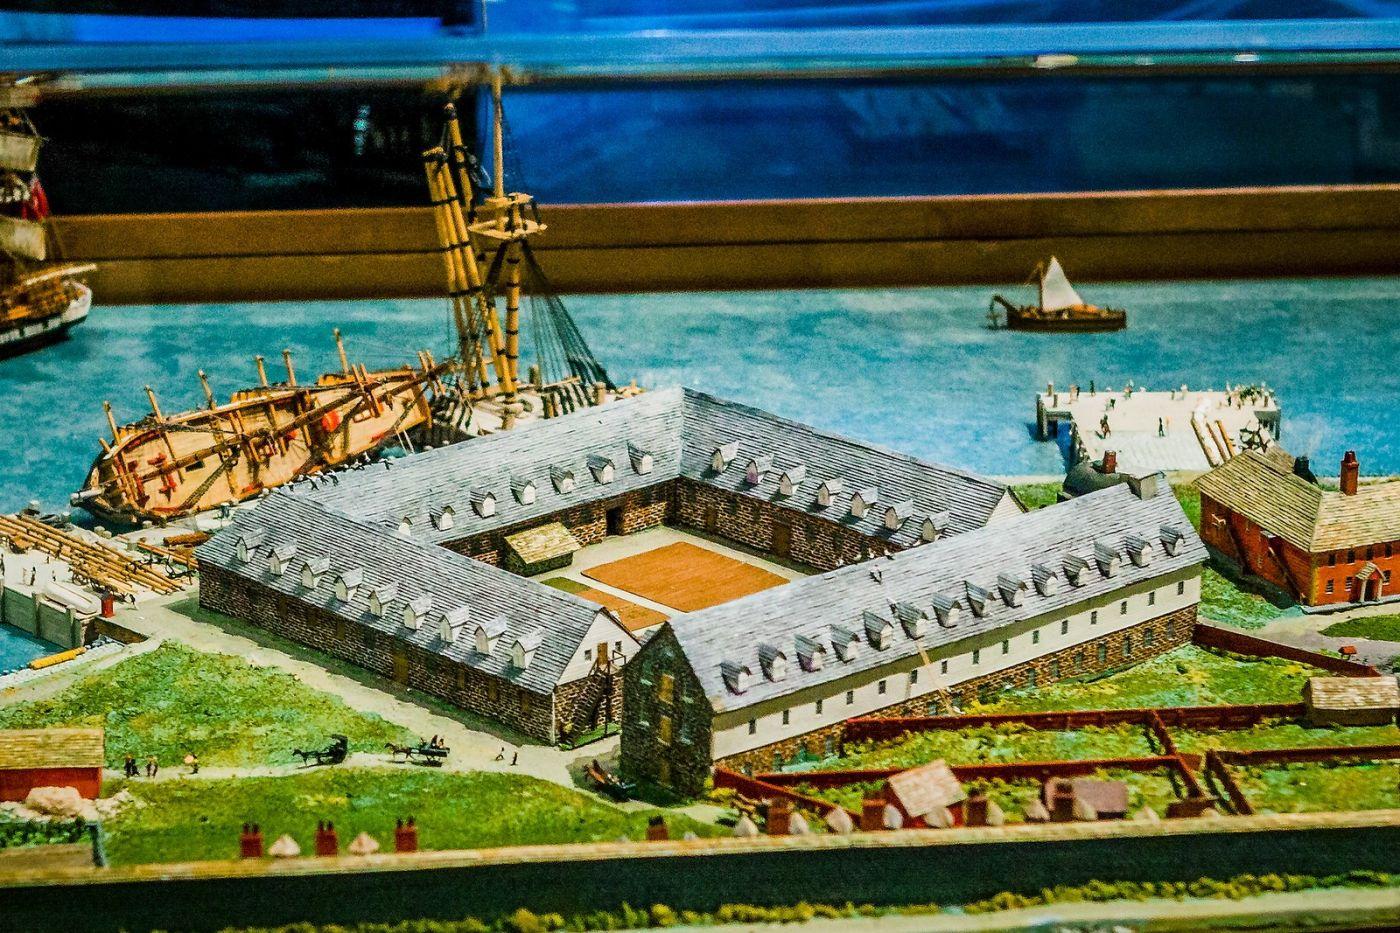 加拿大哈利法克斯(Halifax)大西洋海事博物馆_图1-31